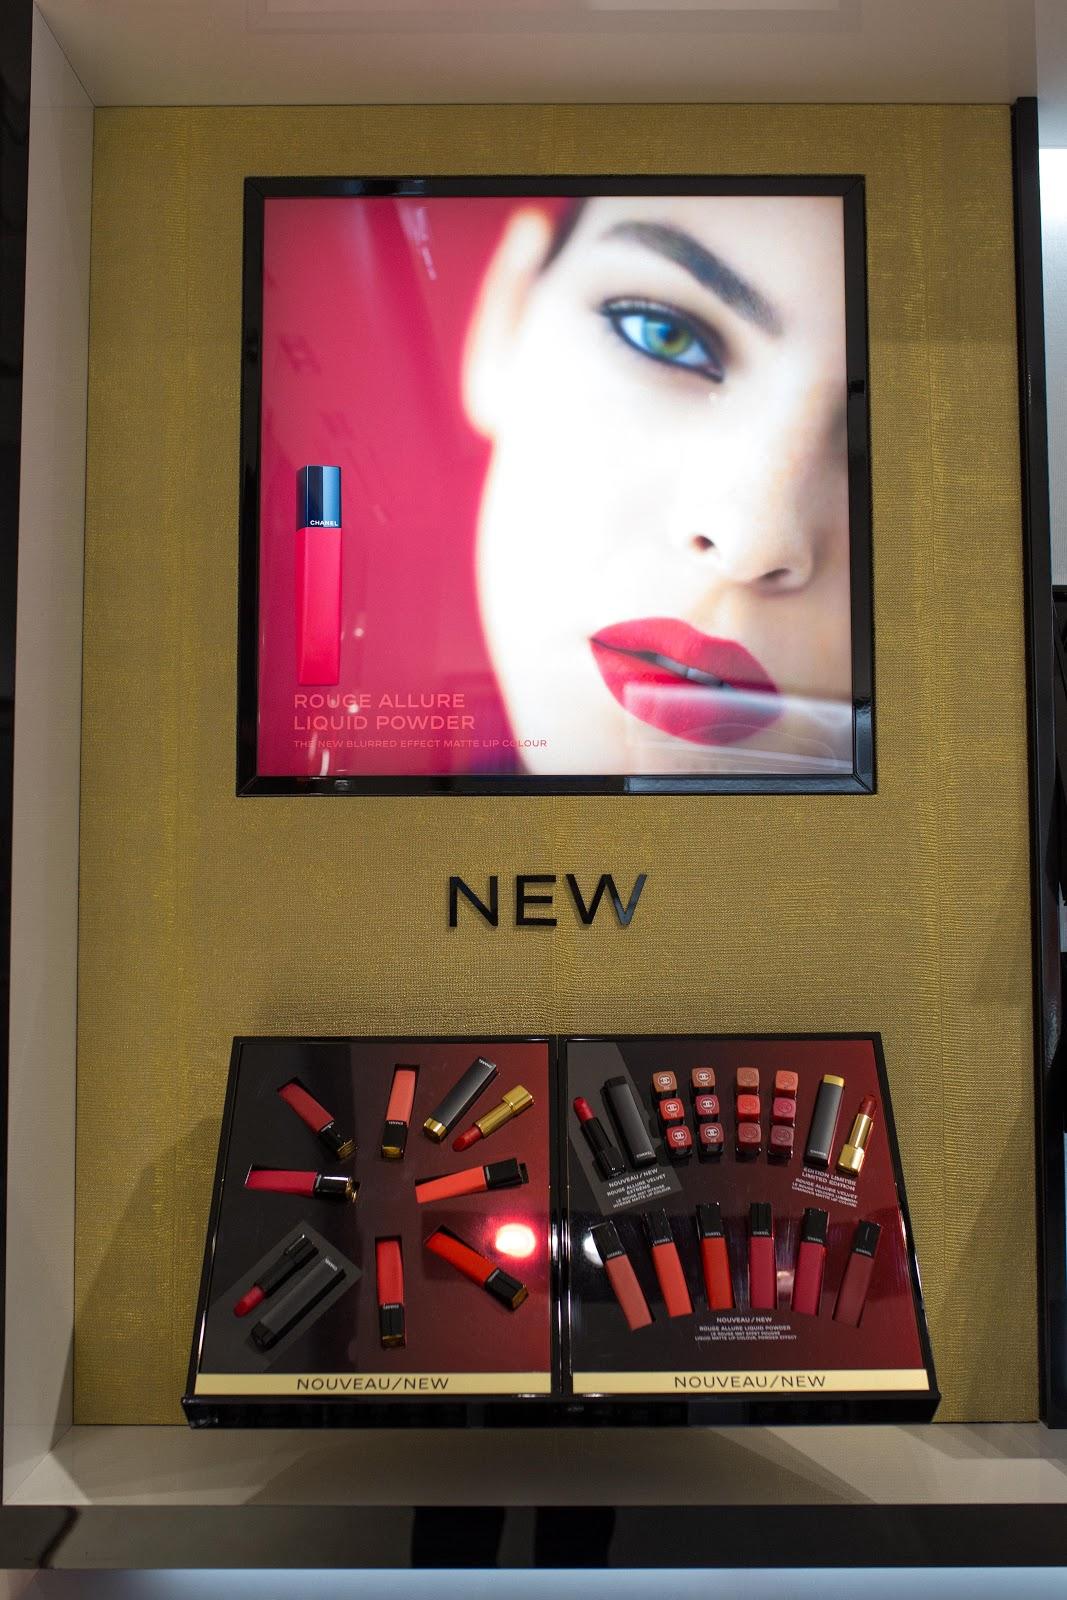 f1d0819ac4a45 W warszawskiej Galerii Mokotów od niedawna możemy poczuć i zobaczyć na  własne oczy kwintesencję Chanel.